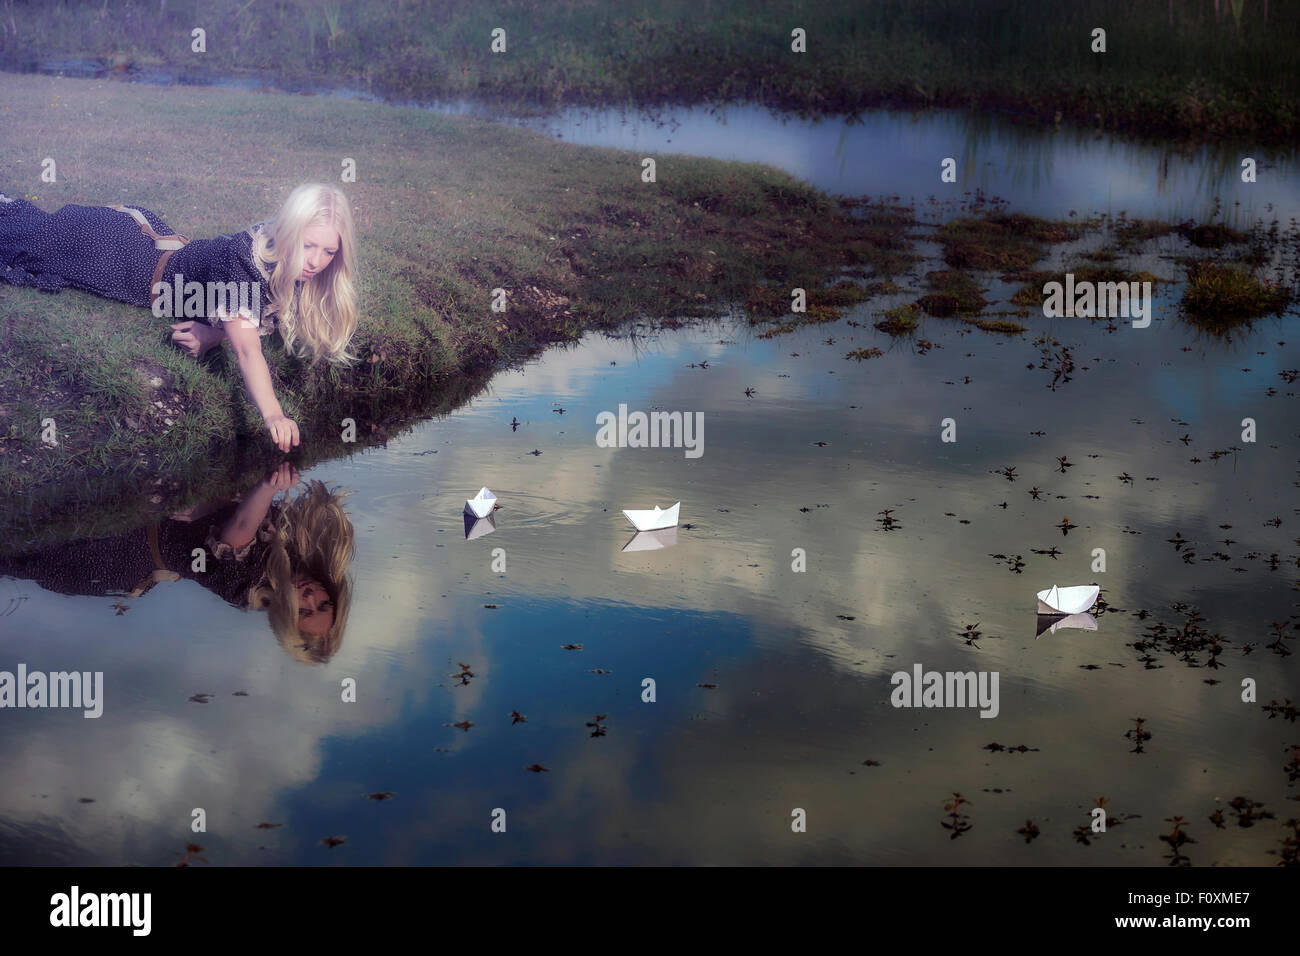 Una ragazza con tre barche di carta su un laghetto Immagini Stock